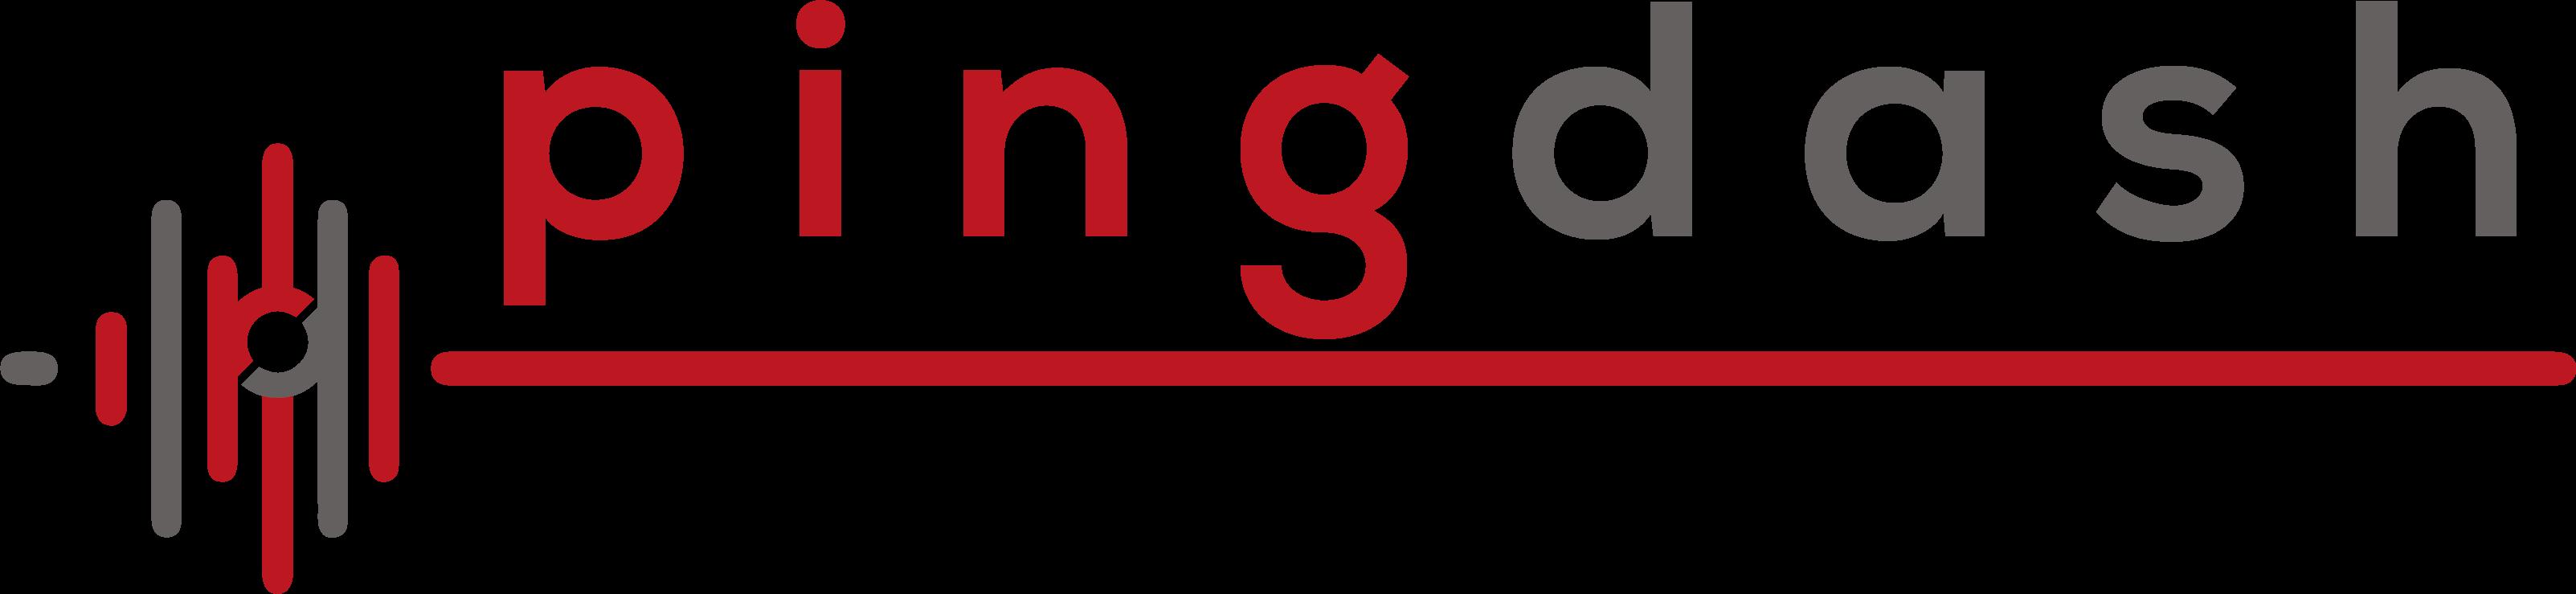 pingdash